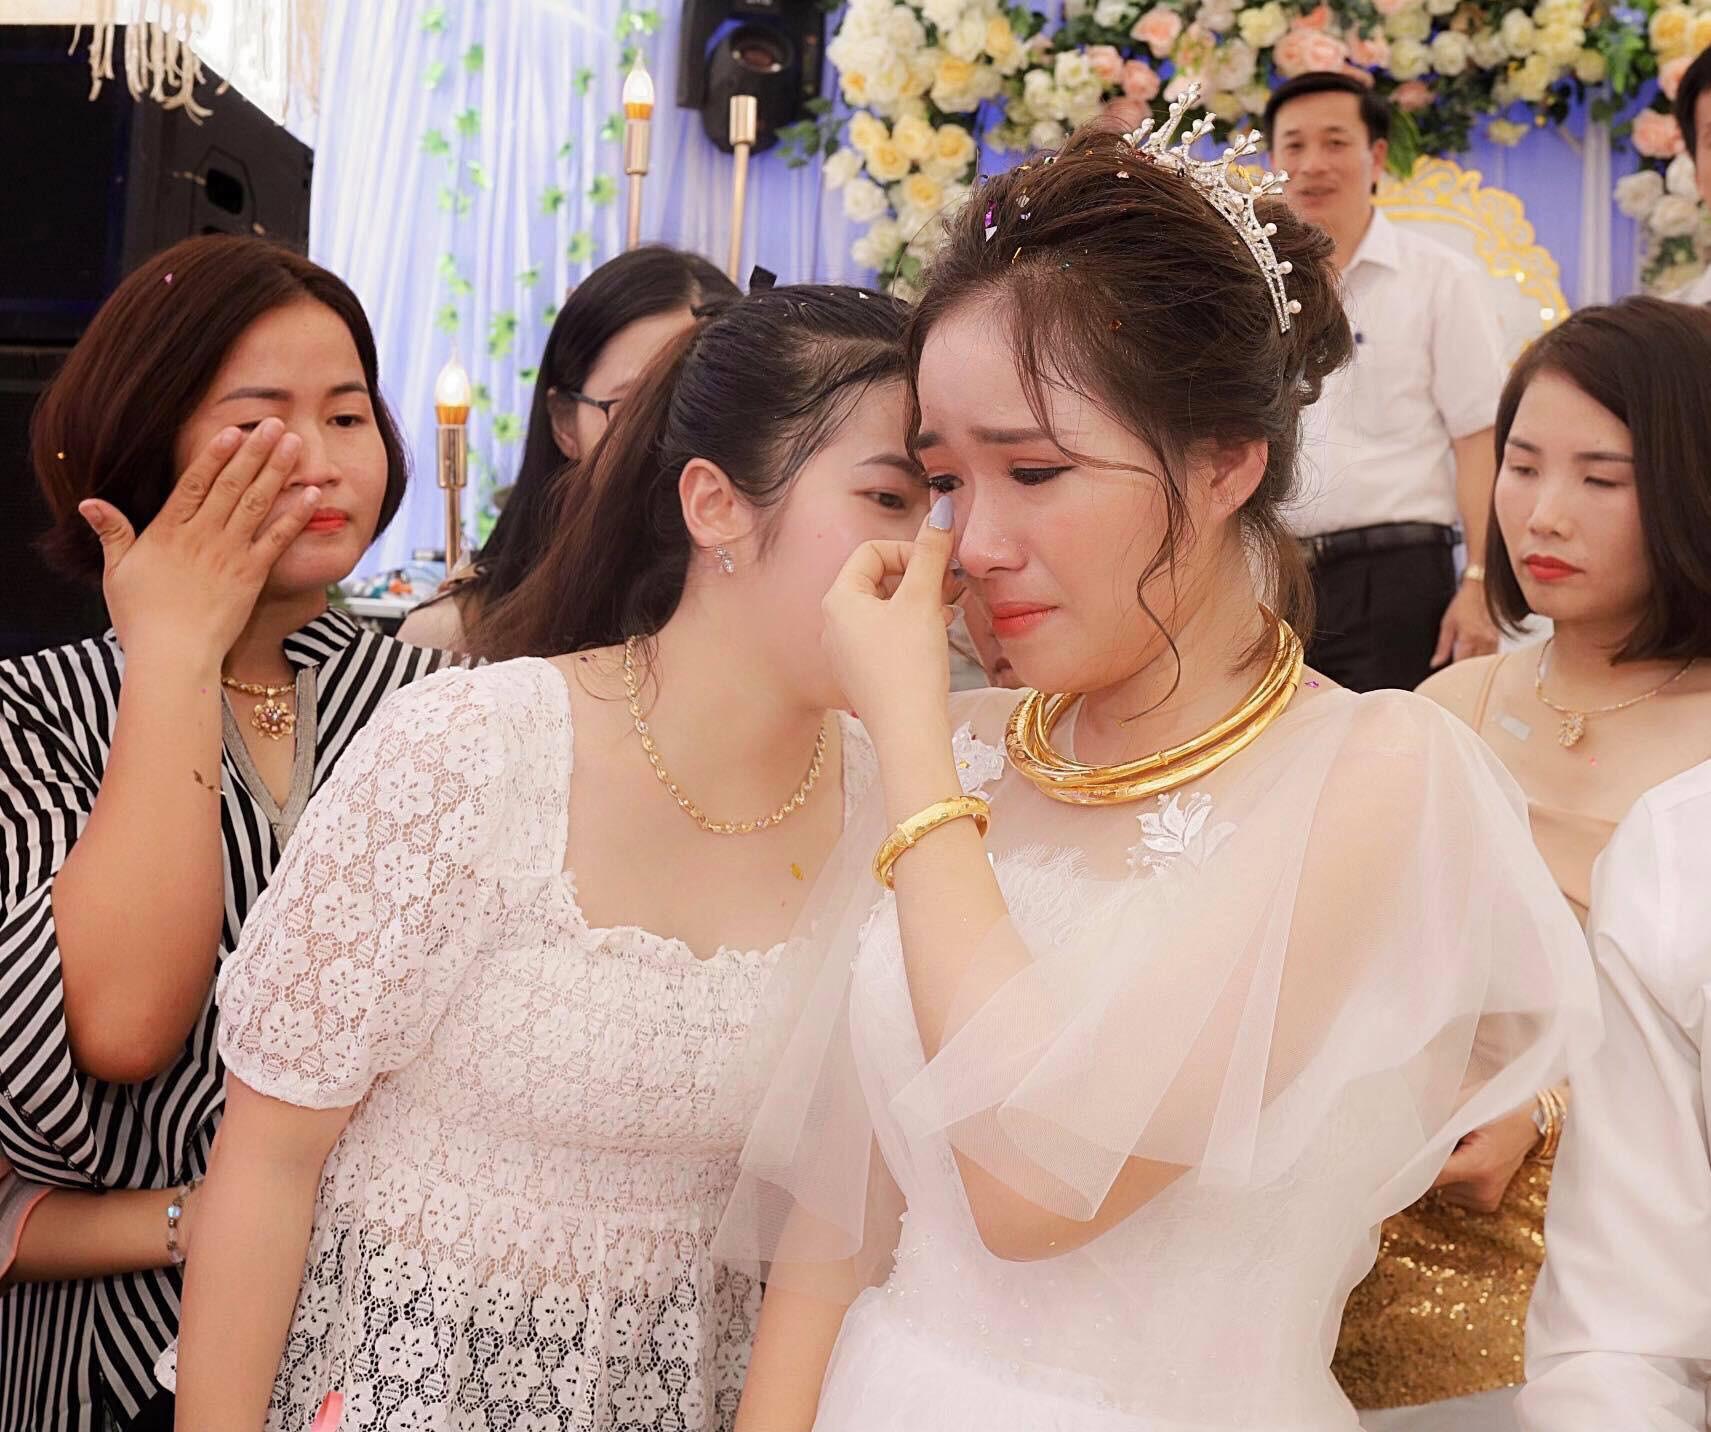 Xúc động hình ảnh cô dâu Nghệ An khóc nức nở, ôm chặt người thân trong ngày về nhà chồng - 1